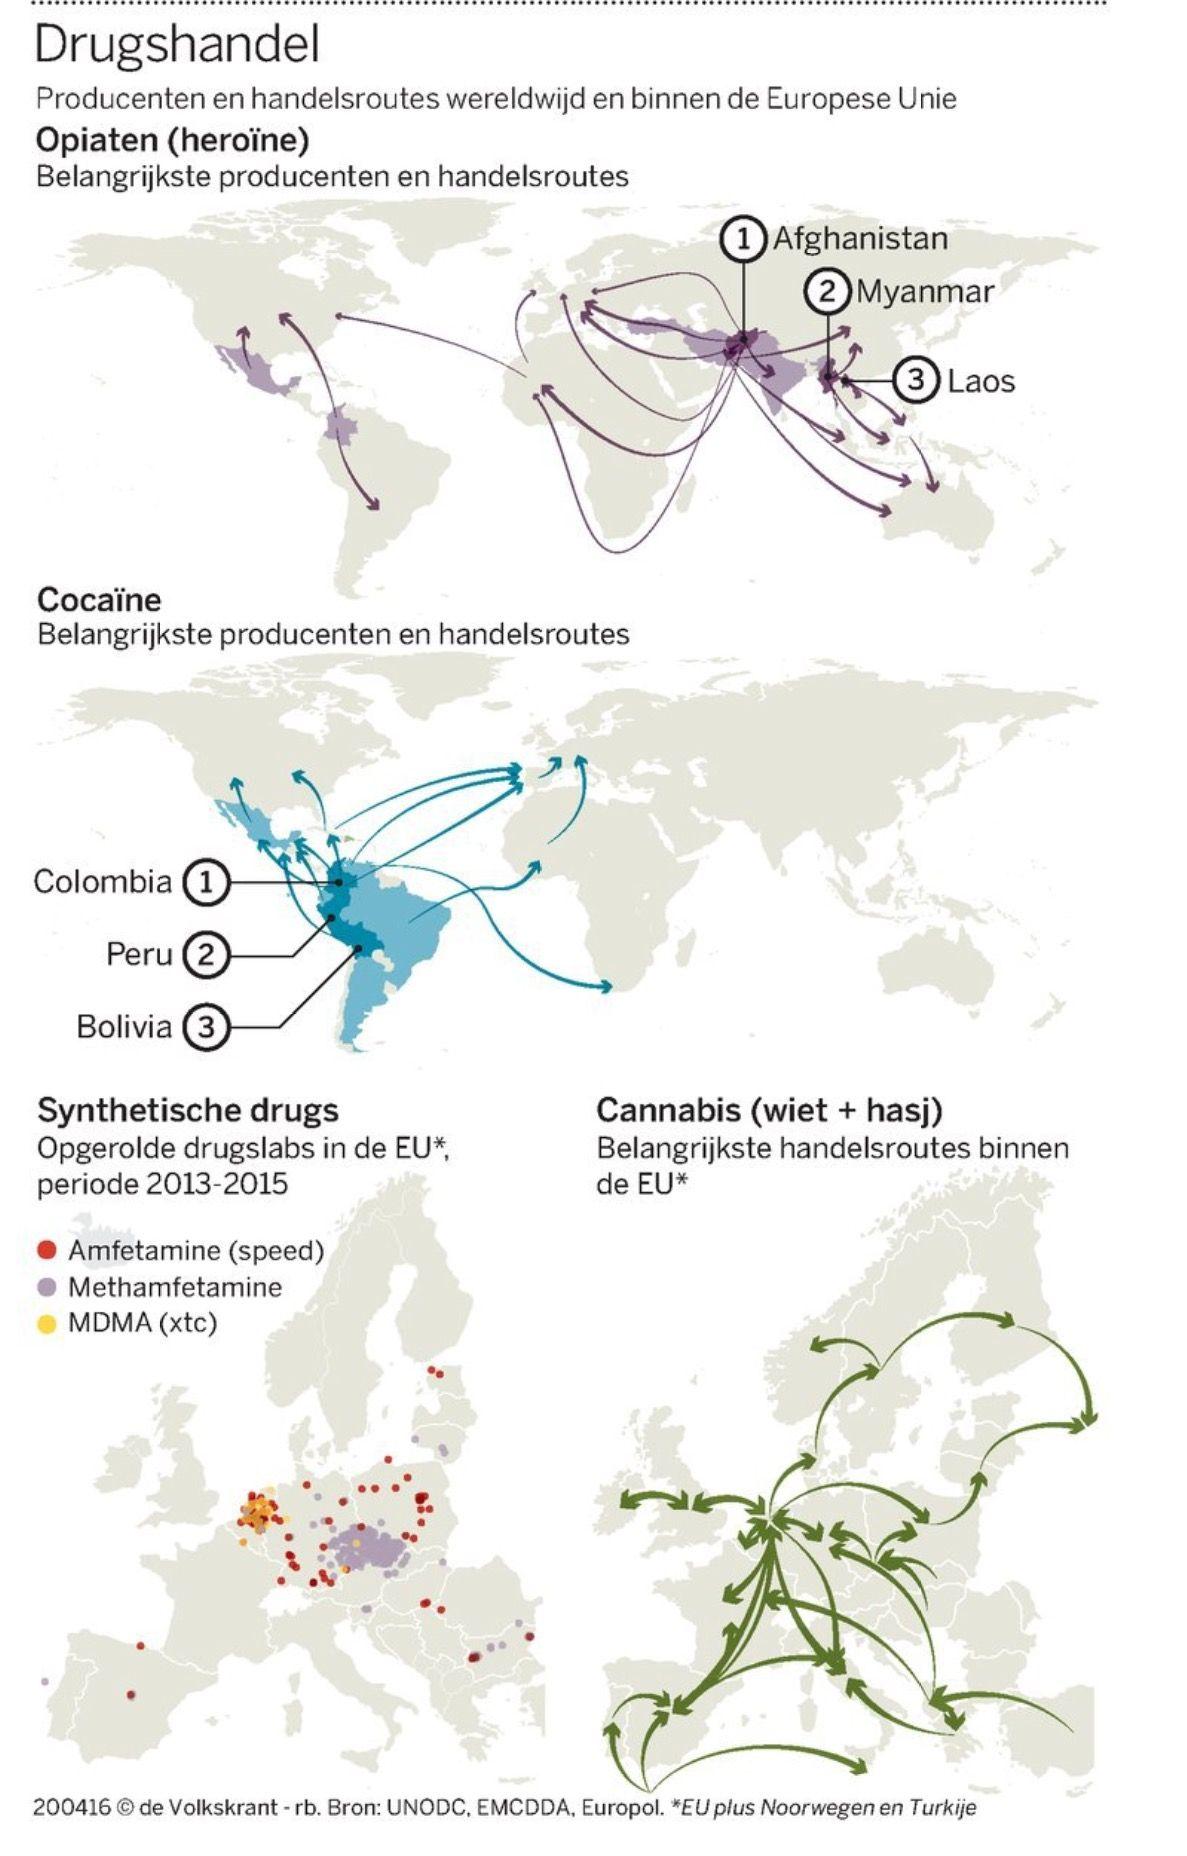 De smokkelroutes om de wereld van drugs te voorzien.   Gevonden in de Volkskrant 20 april 2016.